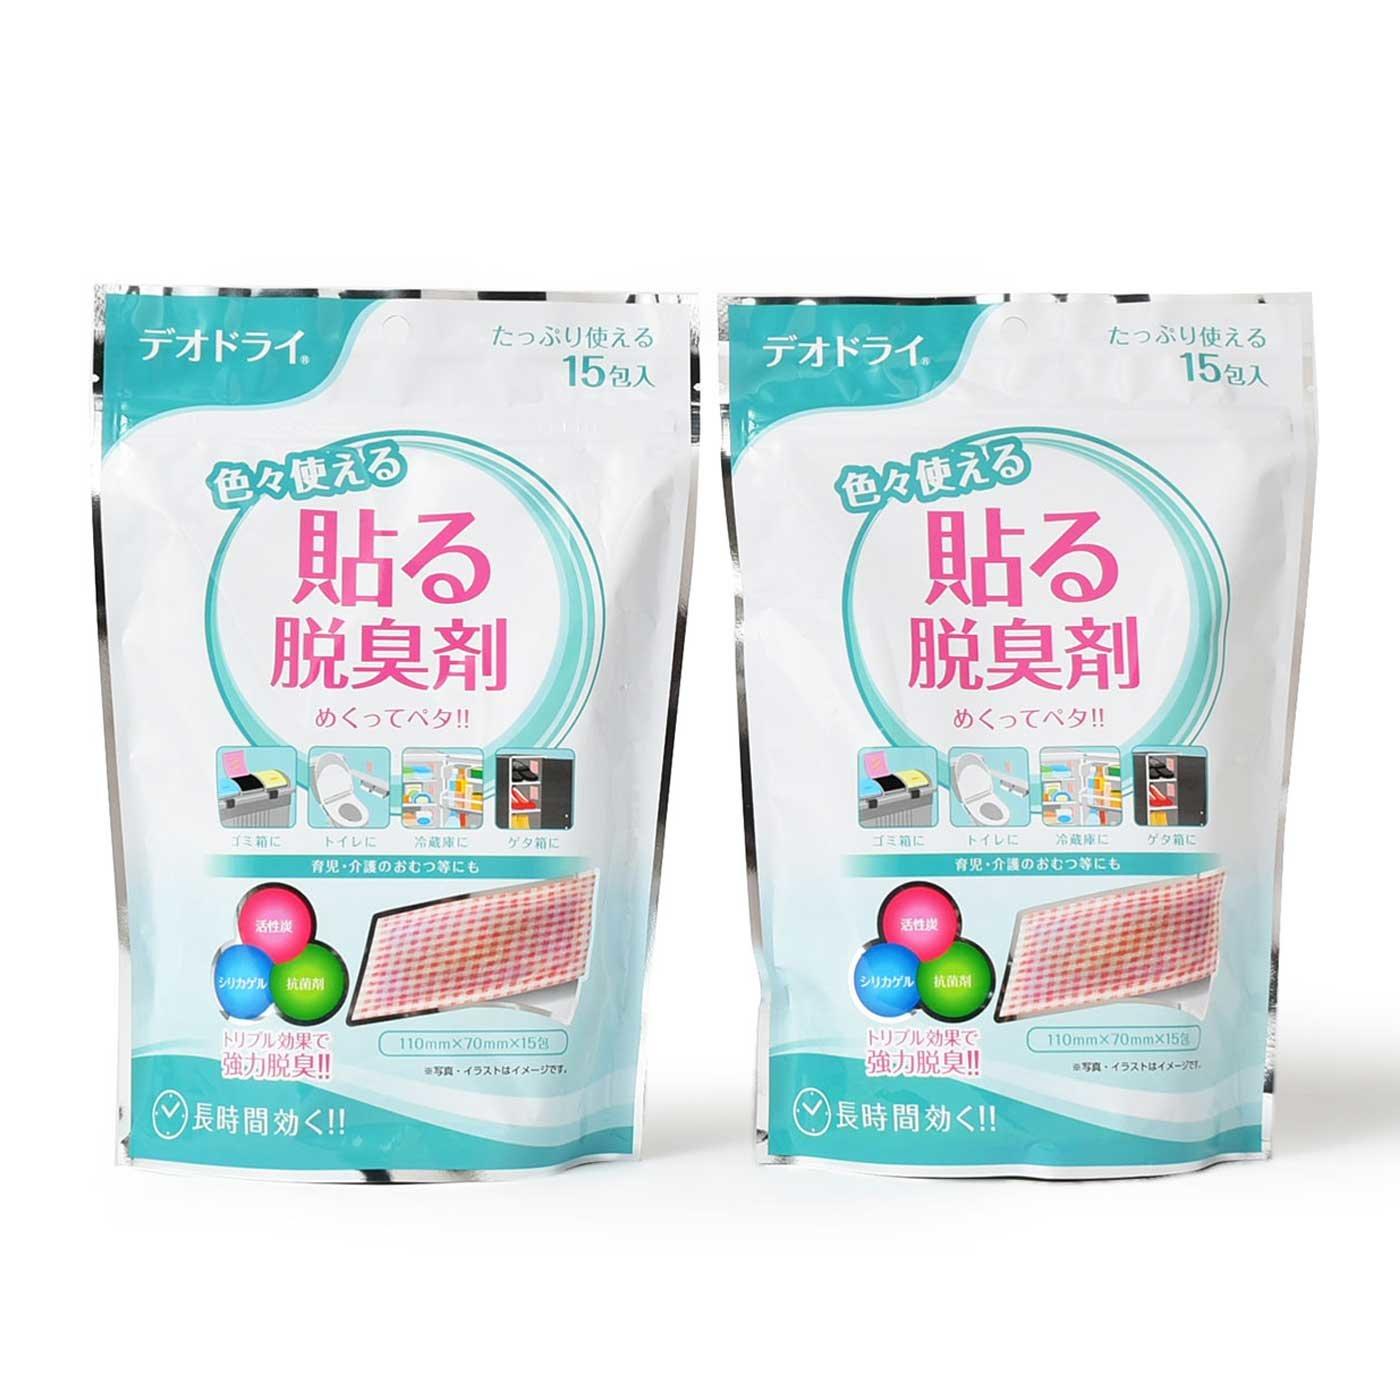 臭いの気になるところ、どこでも貼れる 貼る脱臭剤15包入り(2袋セット)